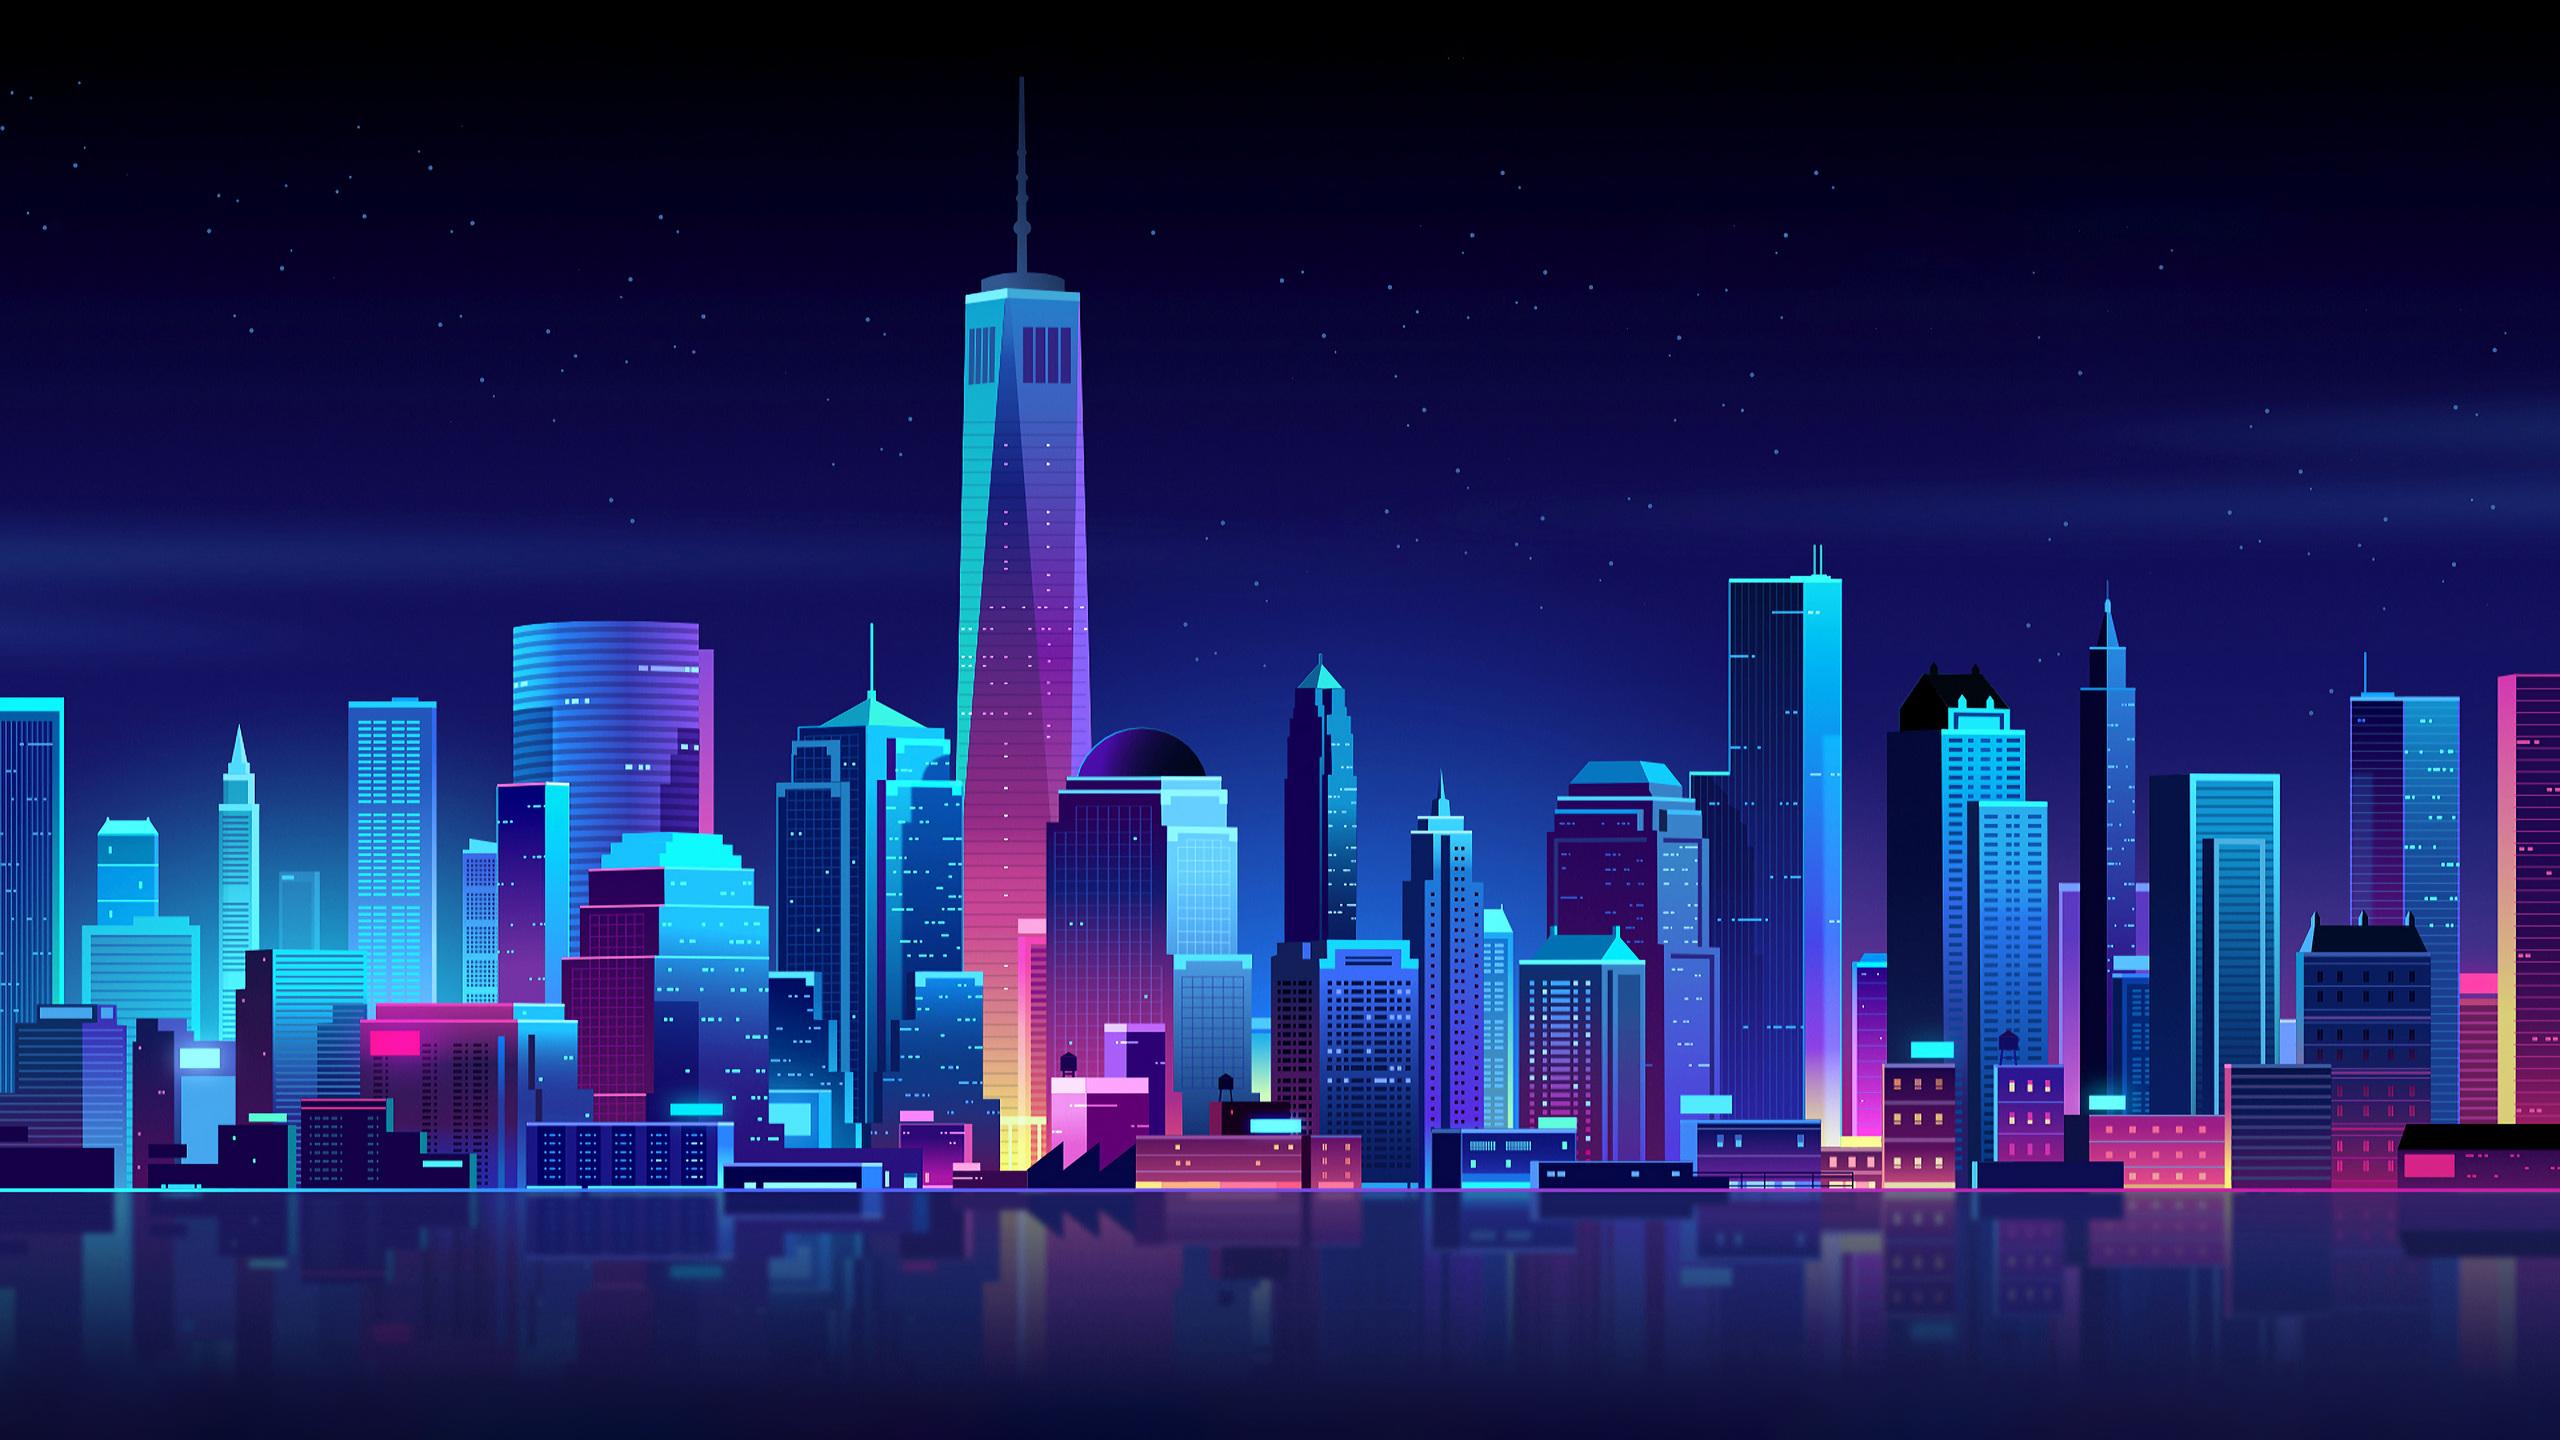 new-york-buildings-city-night-minimalism